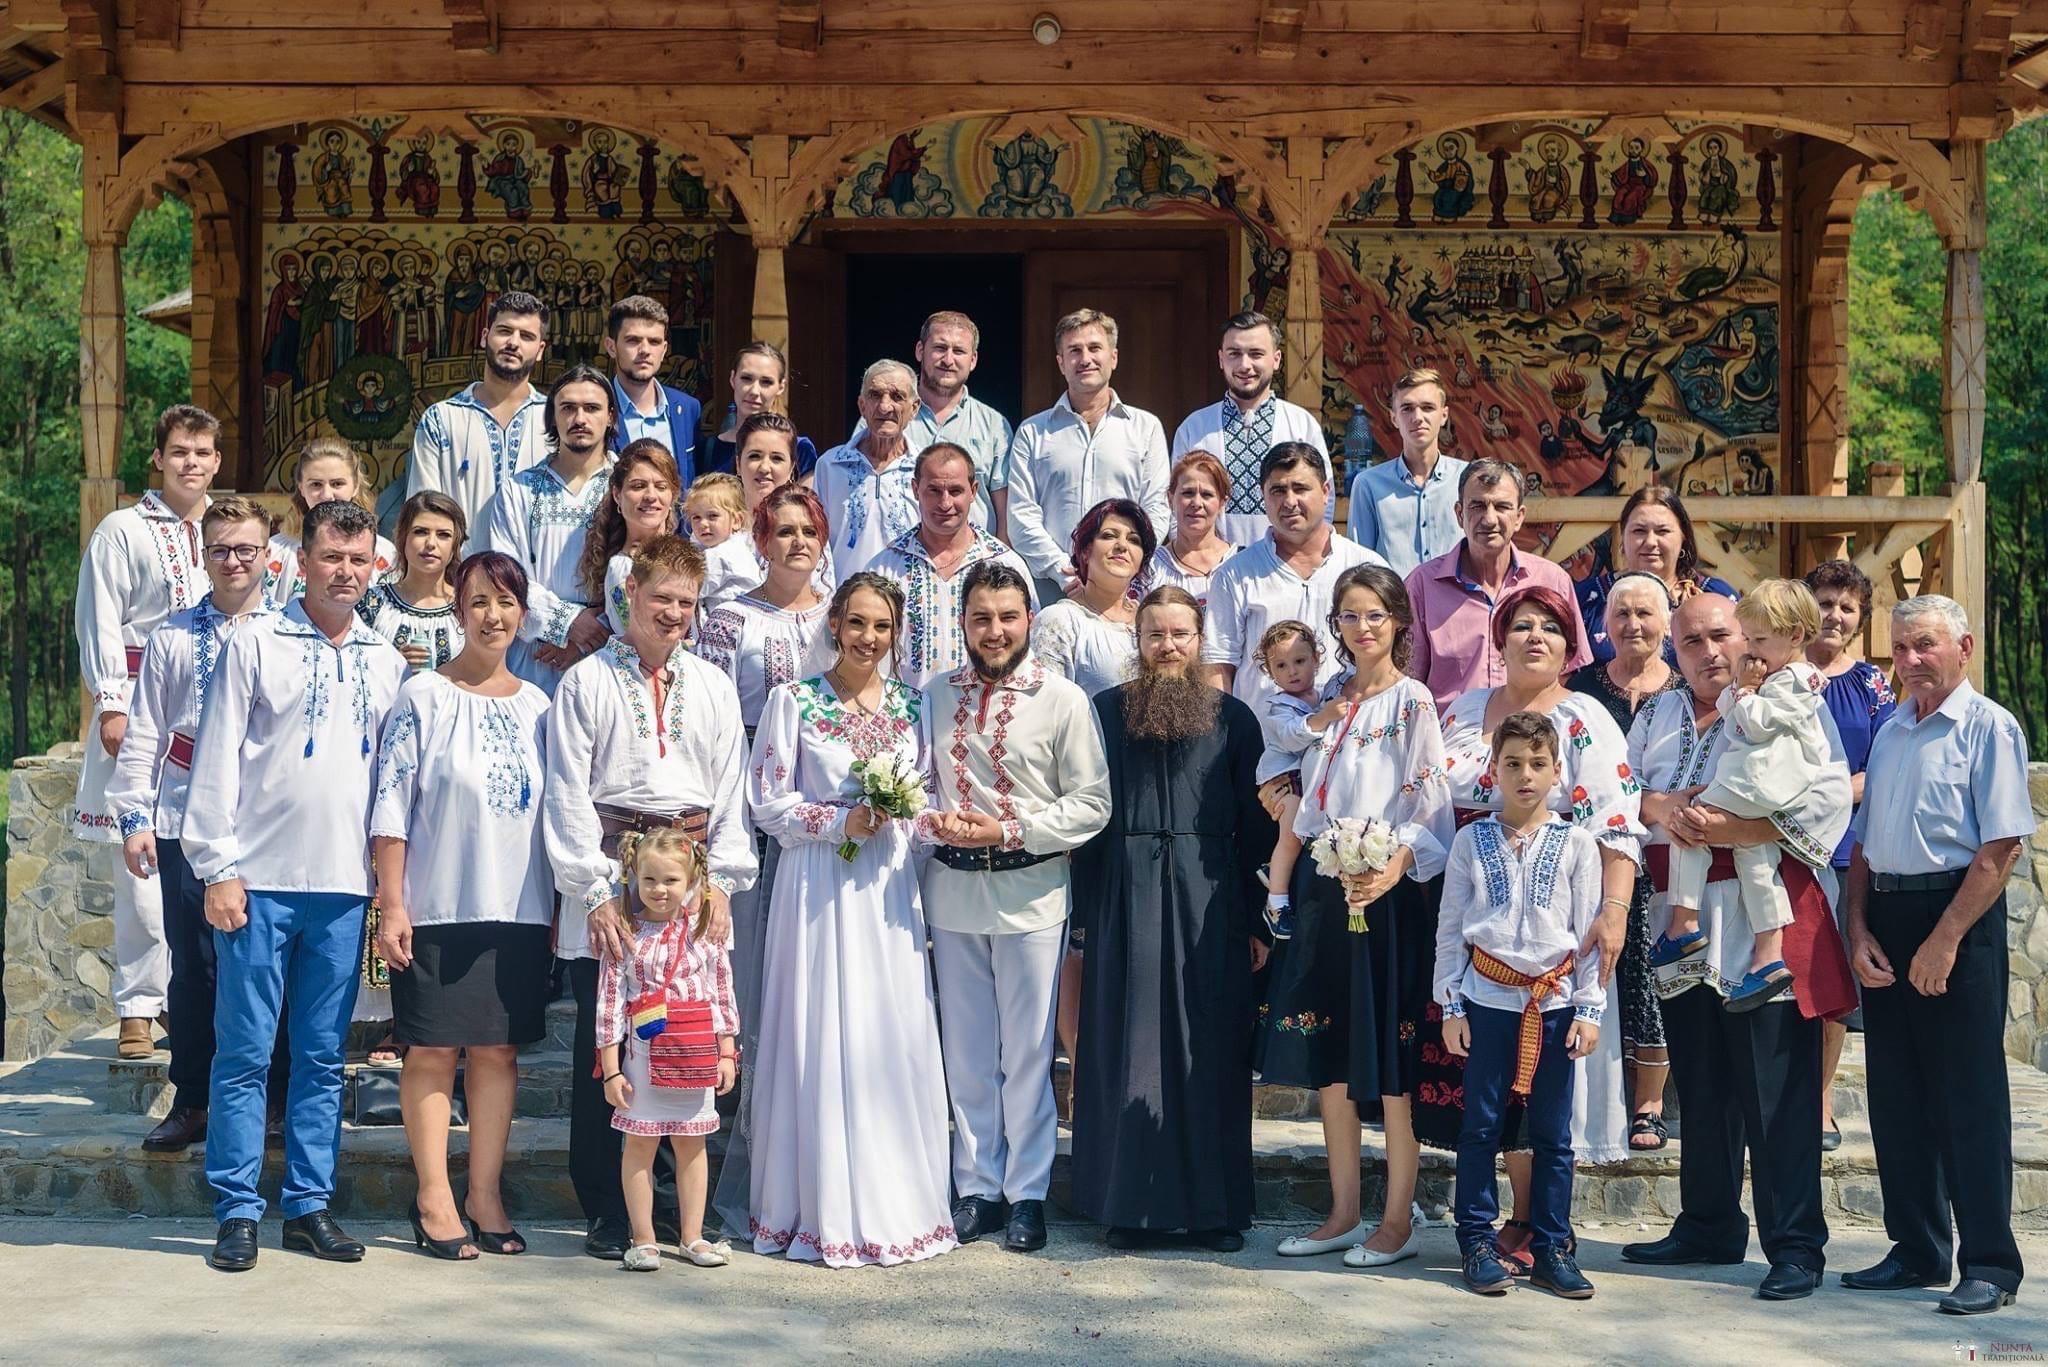 Povești Nunți Tradiționale - Daniela și Cristian, nuntă tradițională în Slobozia, Giurgiu 26